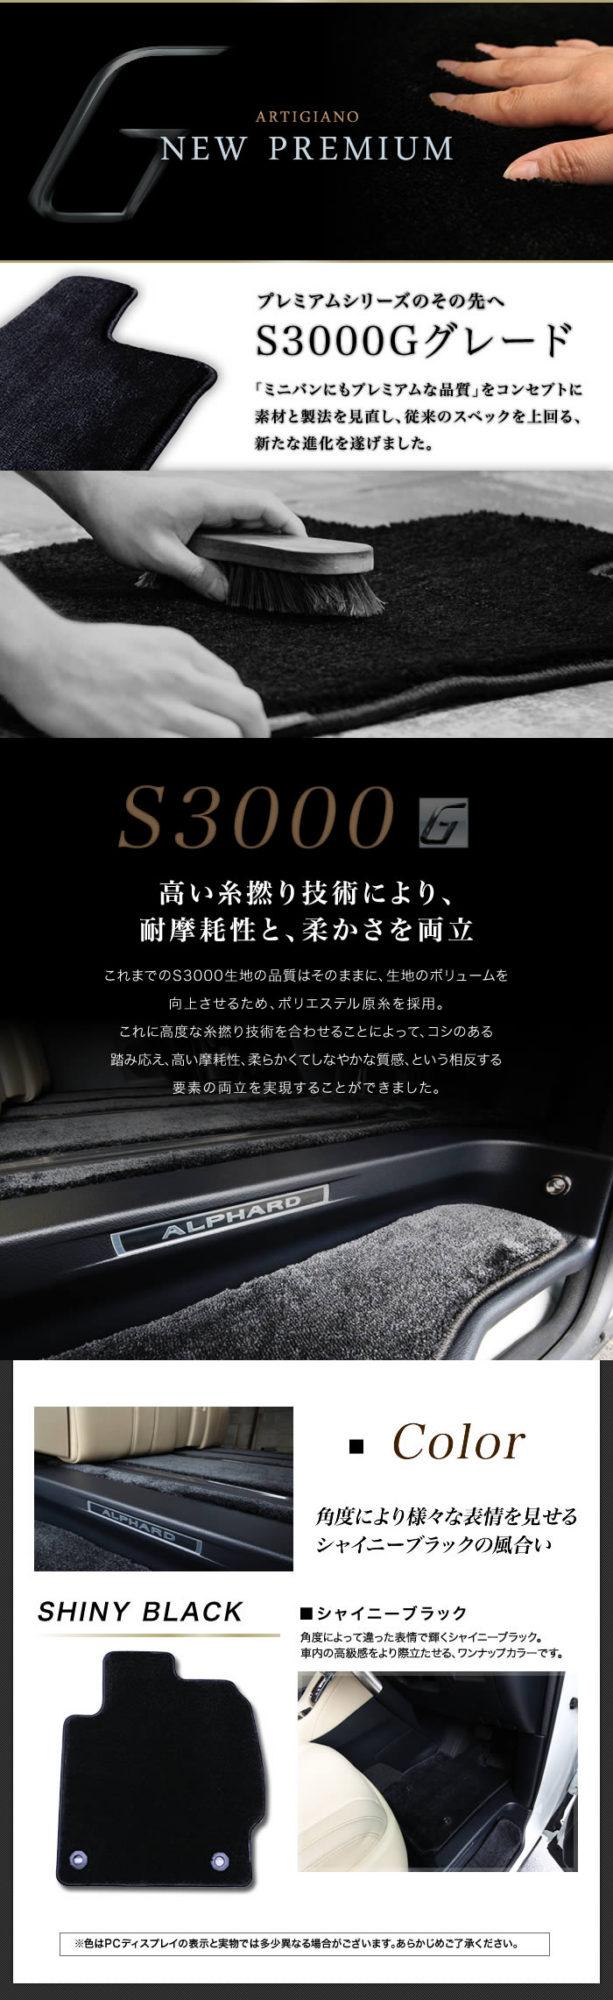 ex_s3000g